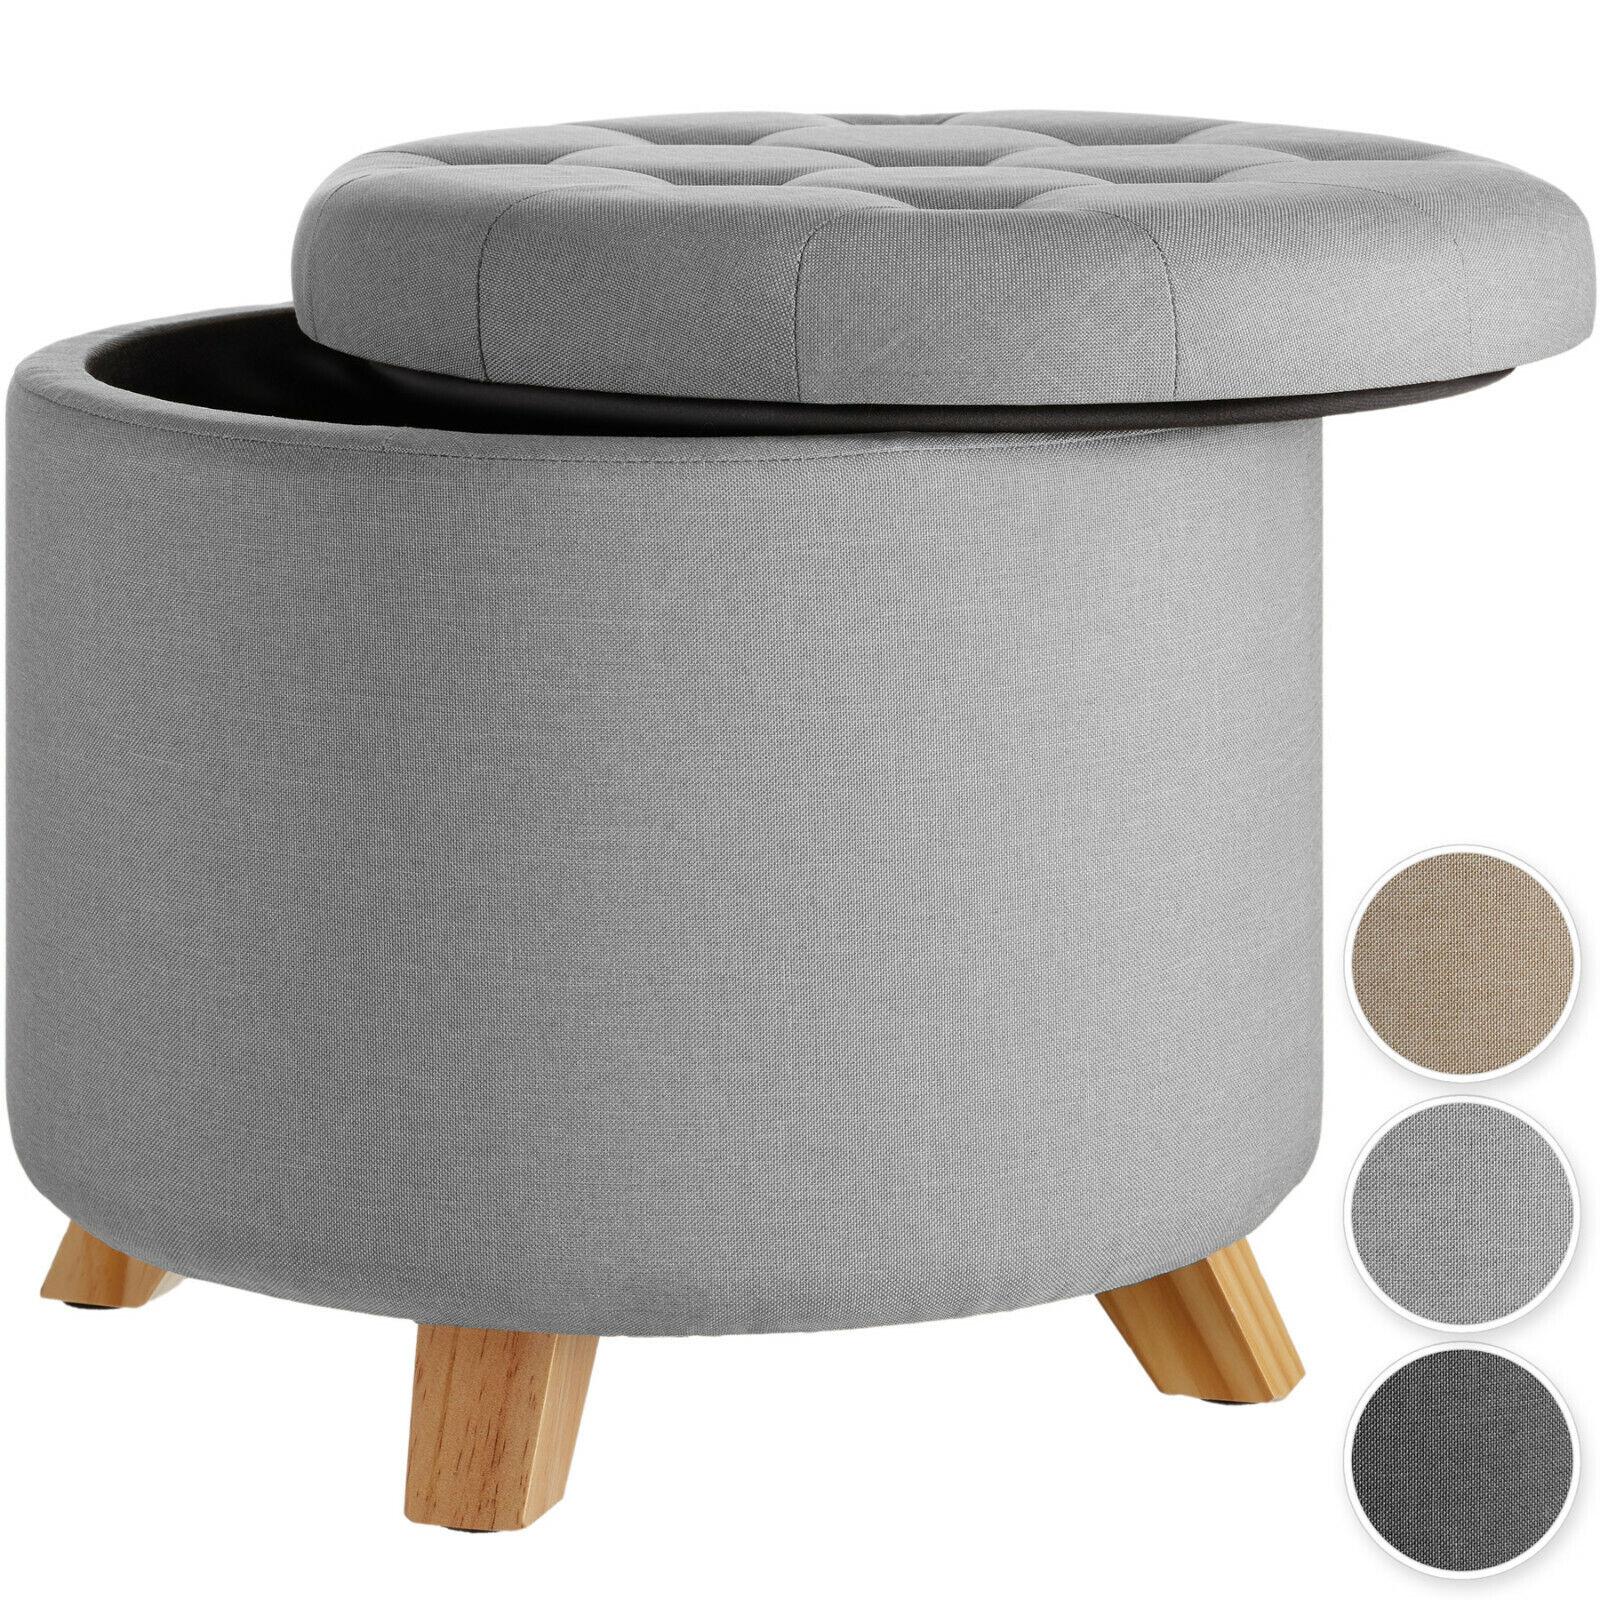 Sitzhocker mit Stauraum Fußhocker Polsterhocker Aufbewahrungsbox Leinen rund